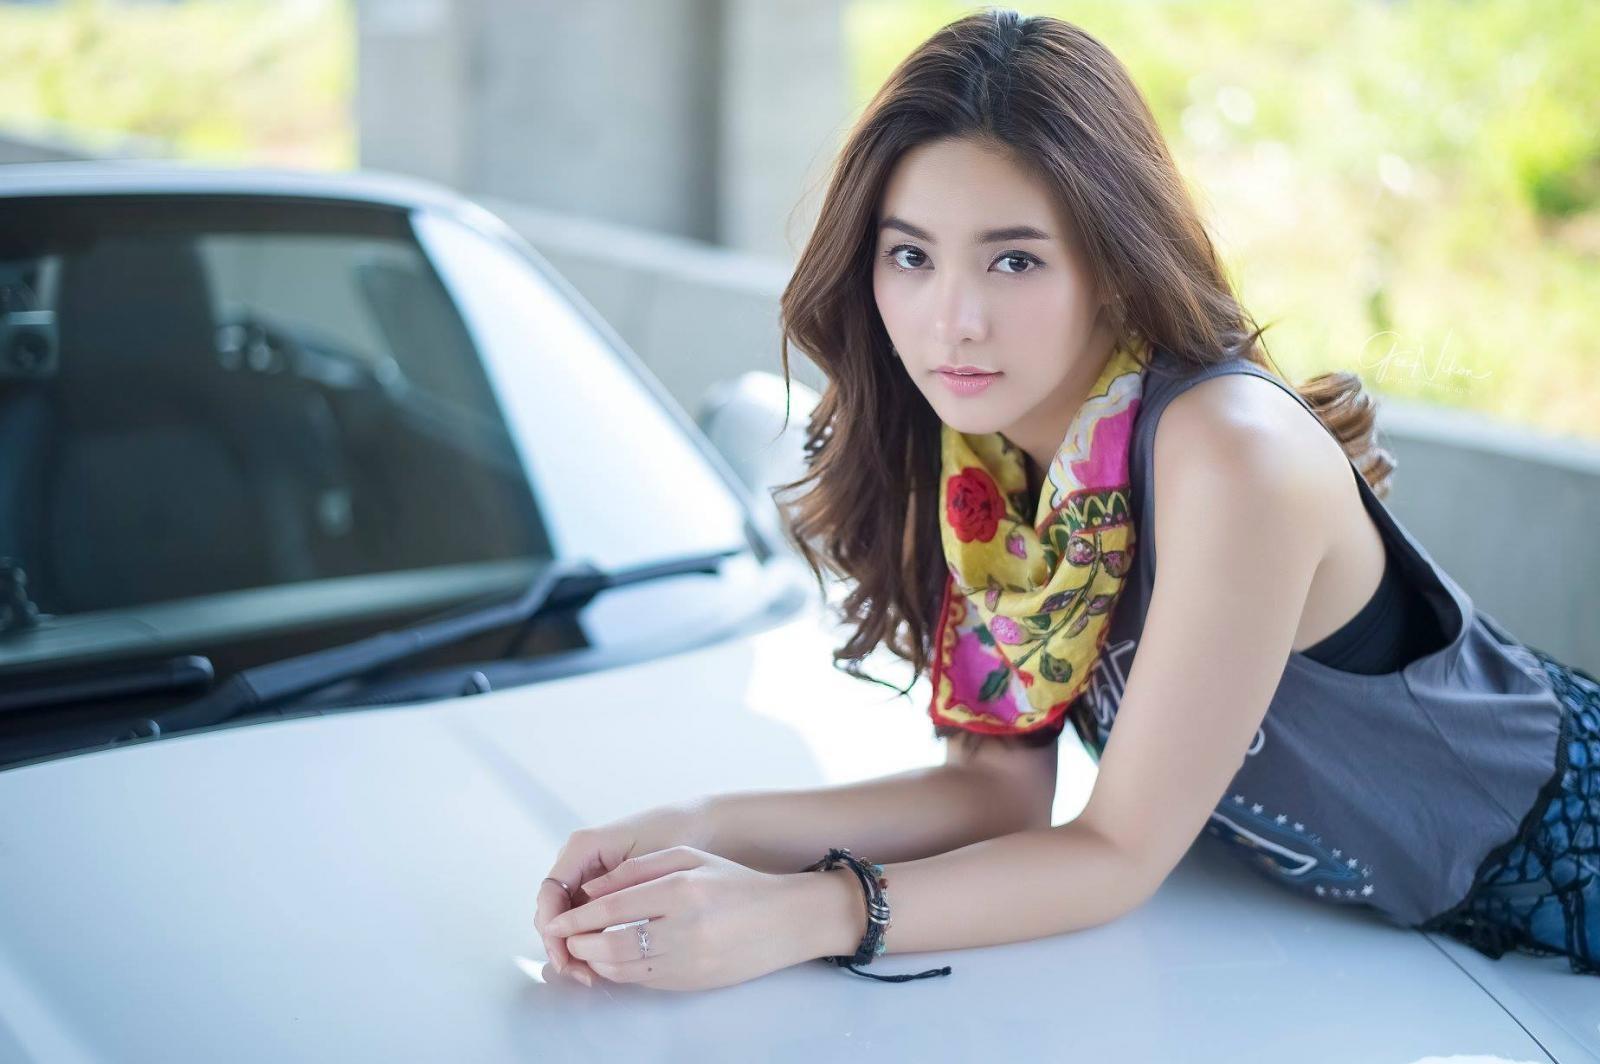 Tim đập loạn nhịp trước người đẹp Thái Lan bên Mazda mui trần - 6